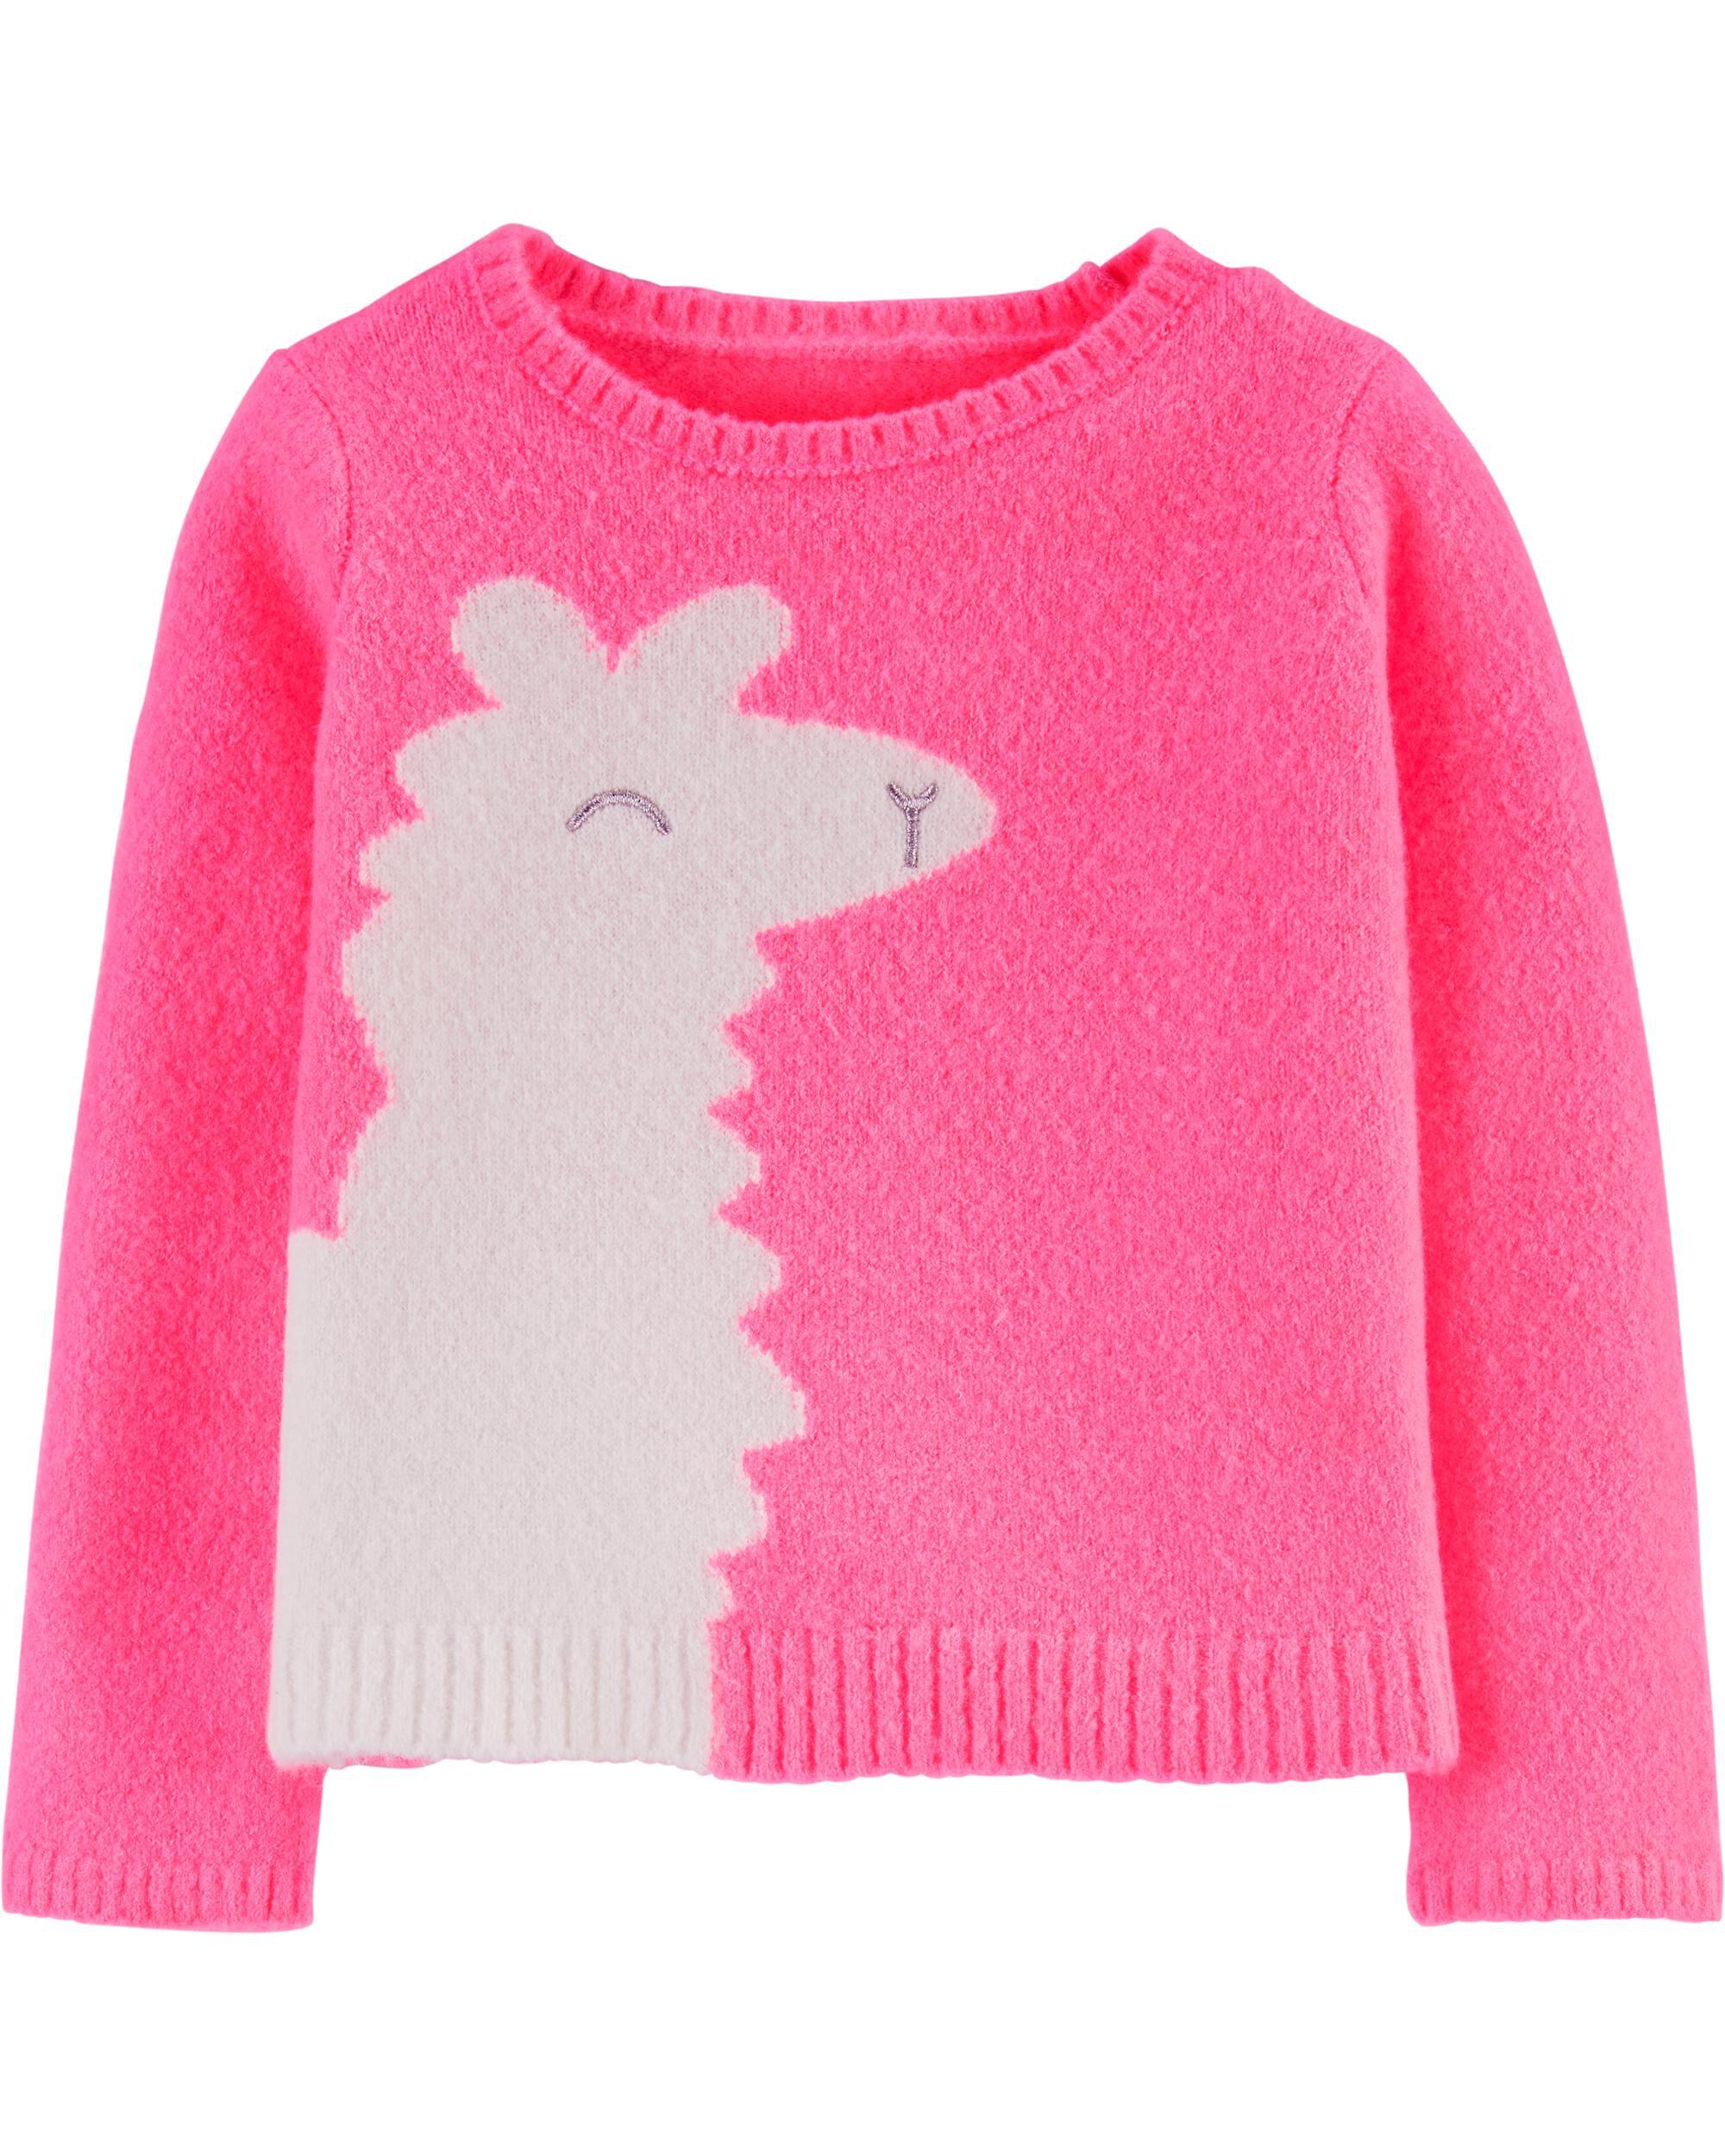 *CLEARANCE* Llama Sweatshirt